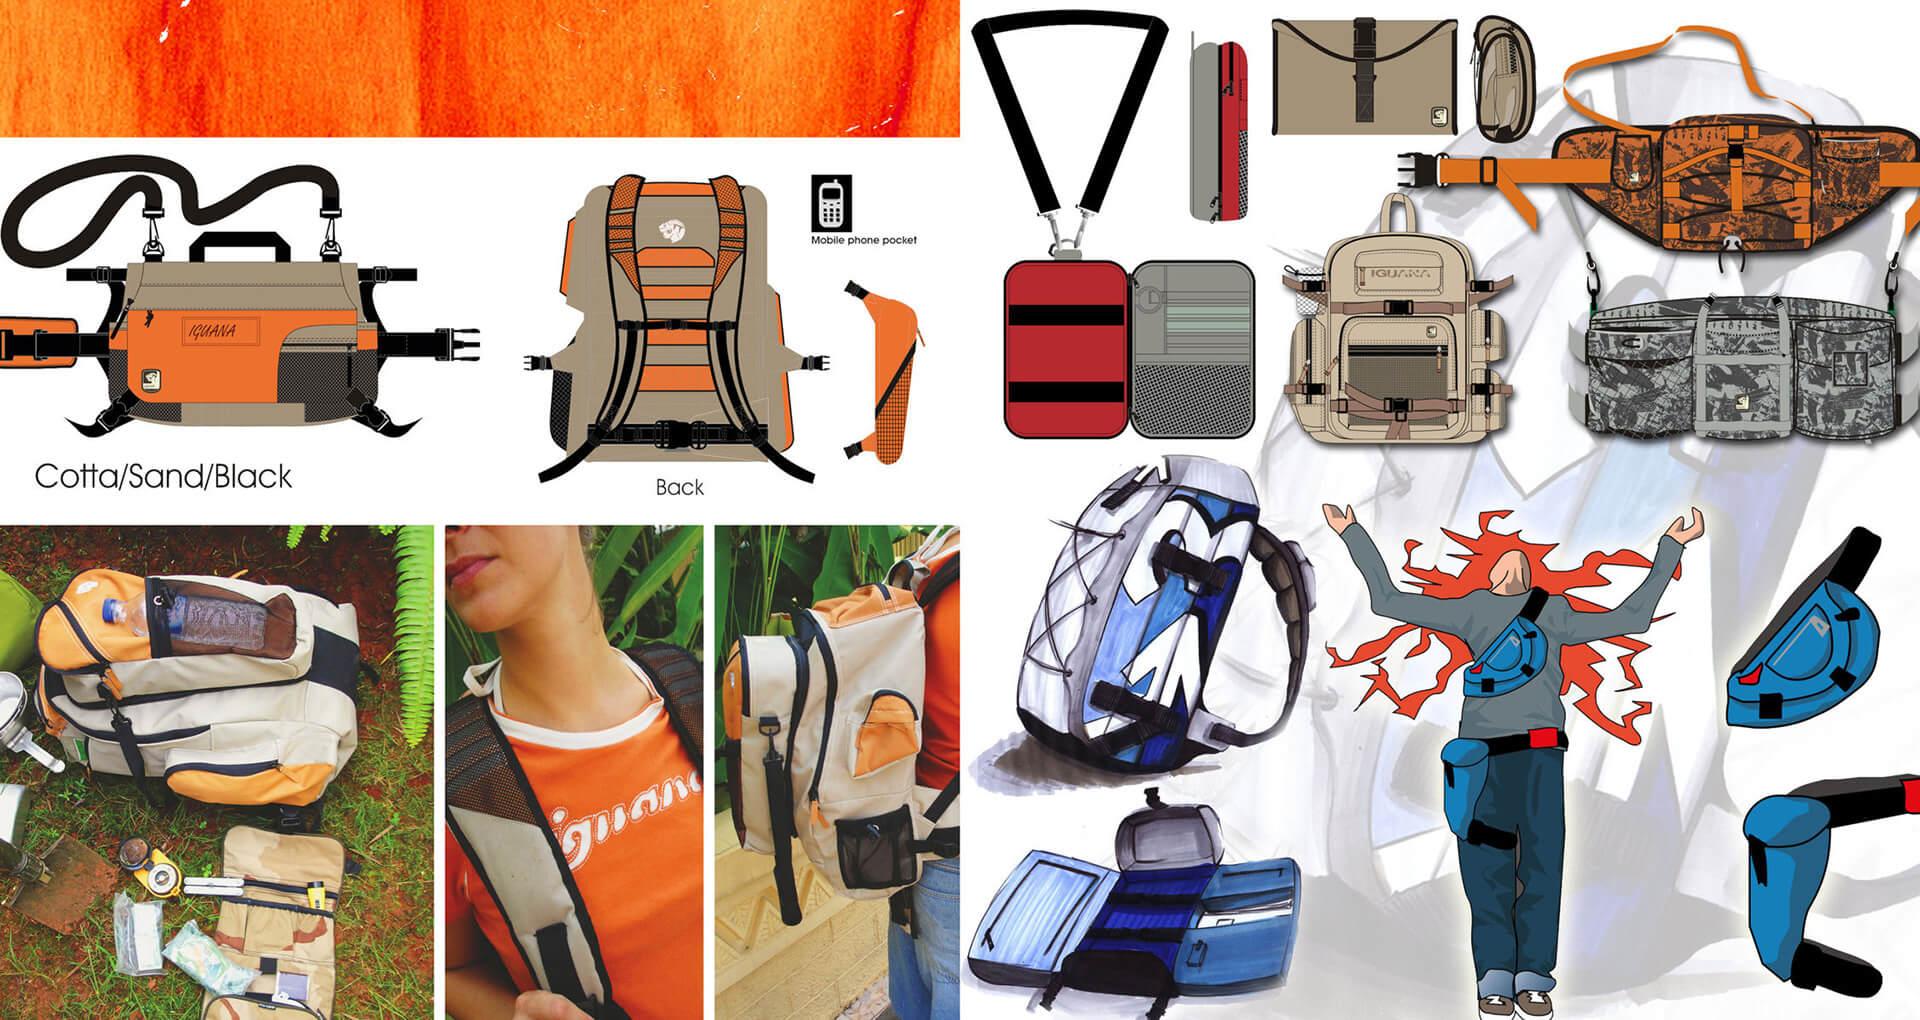 produkt design münchen taschen accessories snowboards surfbaords hats gloves bags shoes sandals 6